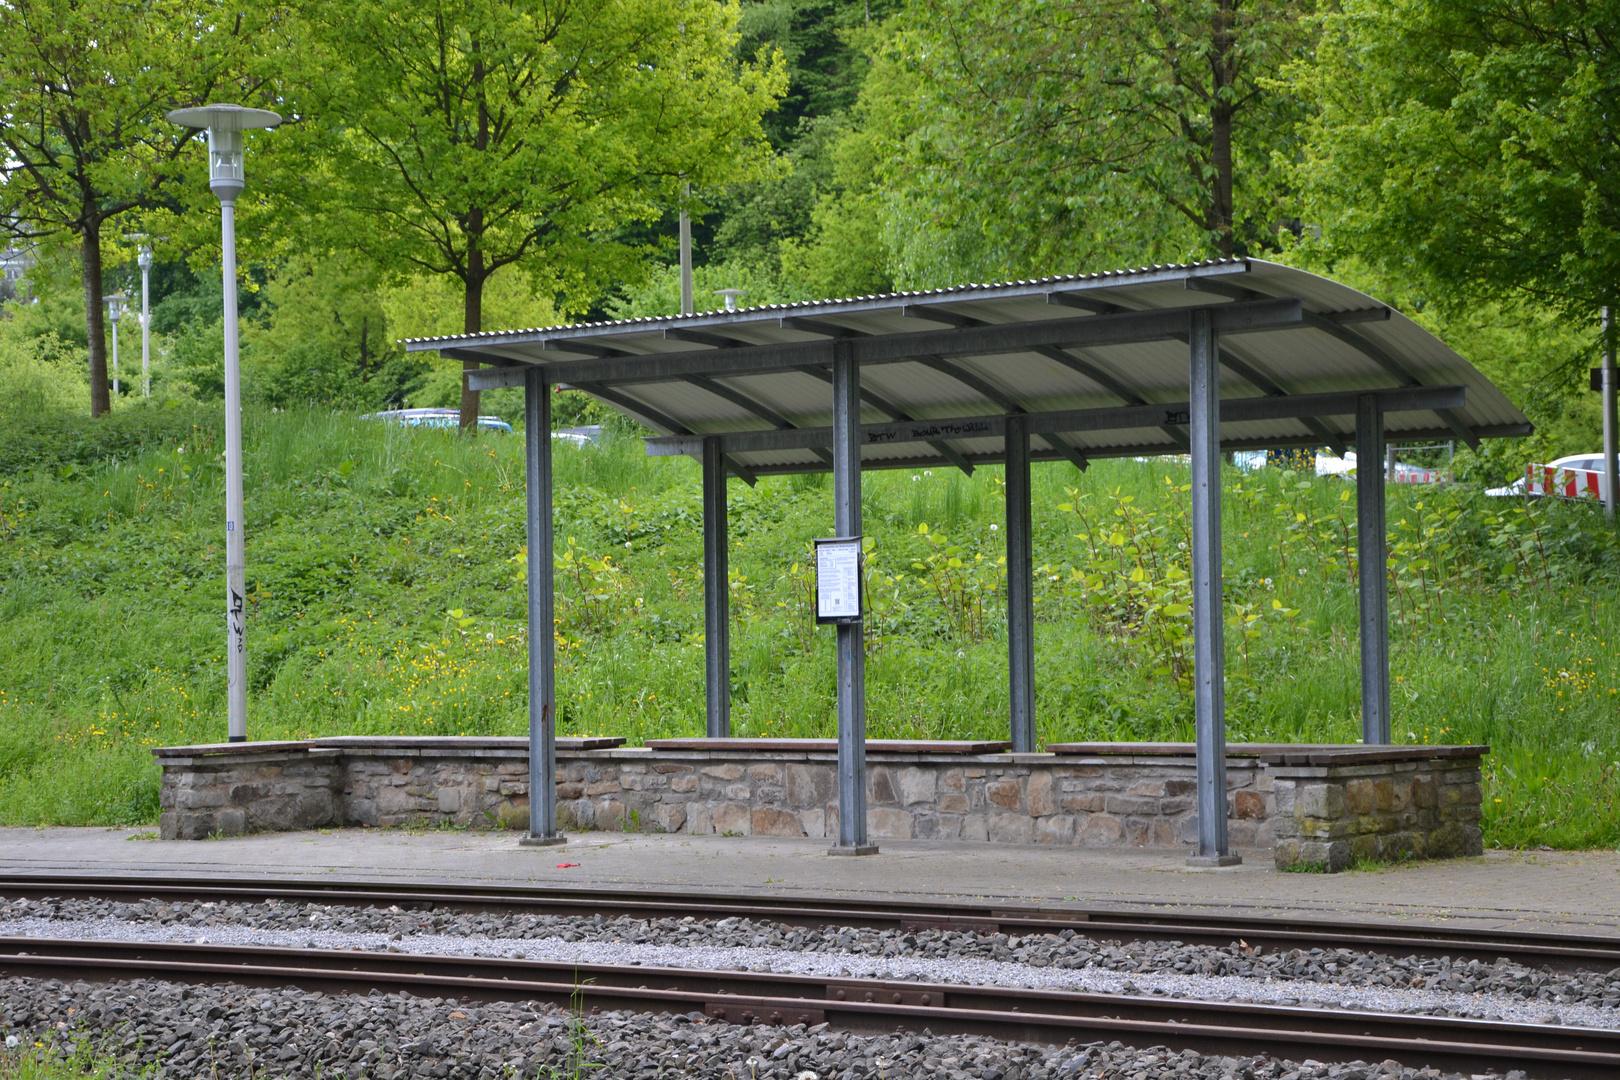 Einsamer Bahnhof